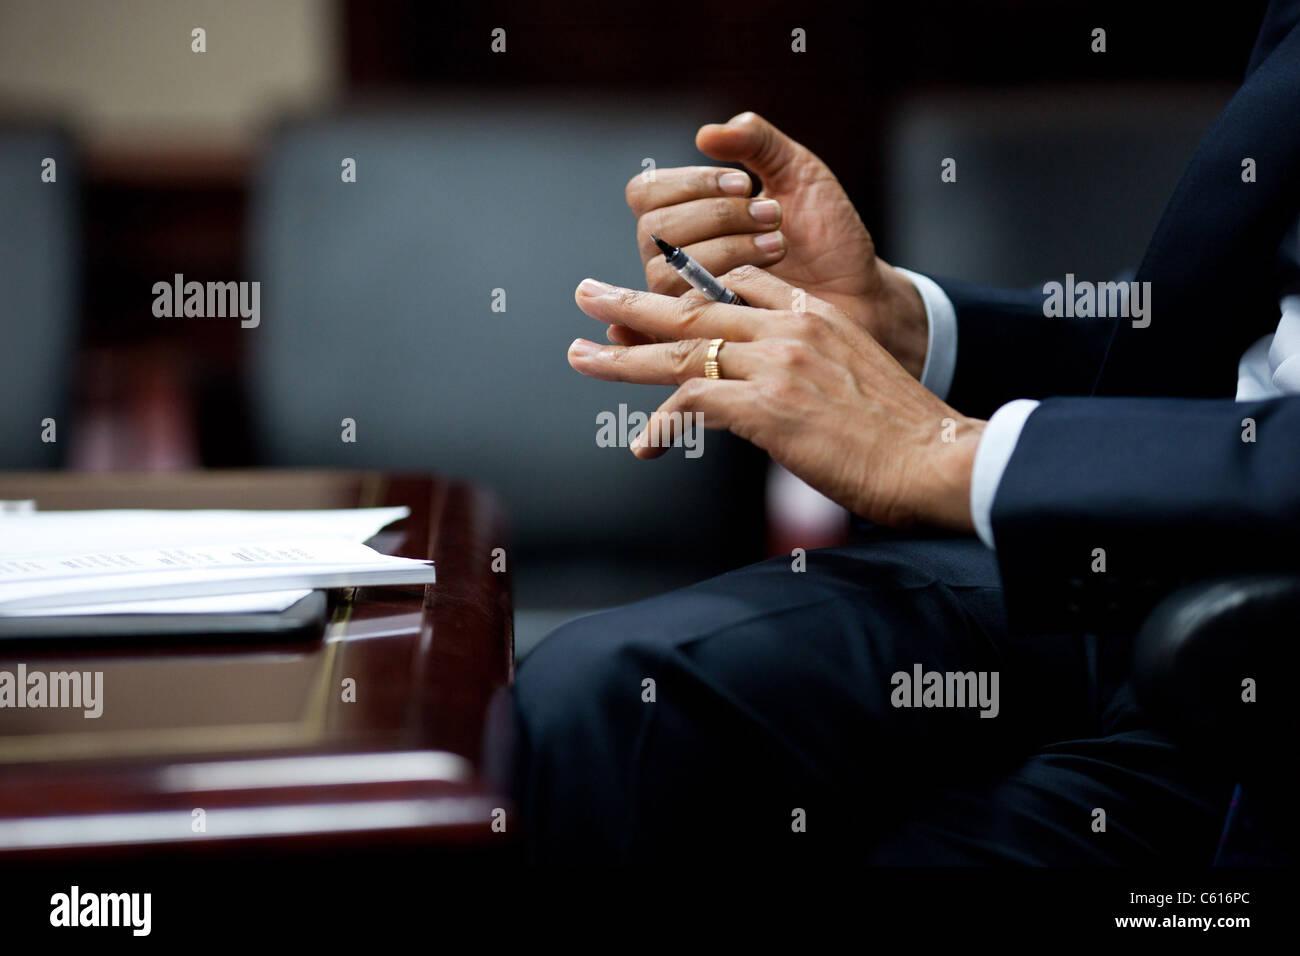 Präsident Obama Hände Geste bei einem Briefing über die Situation in Libyen mit Mitgliedern des Kongresses Stockbild